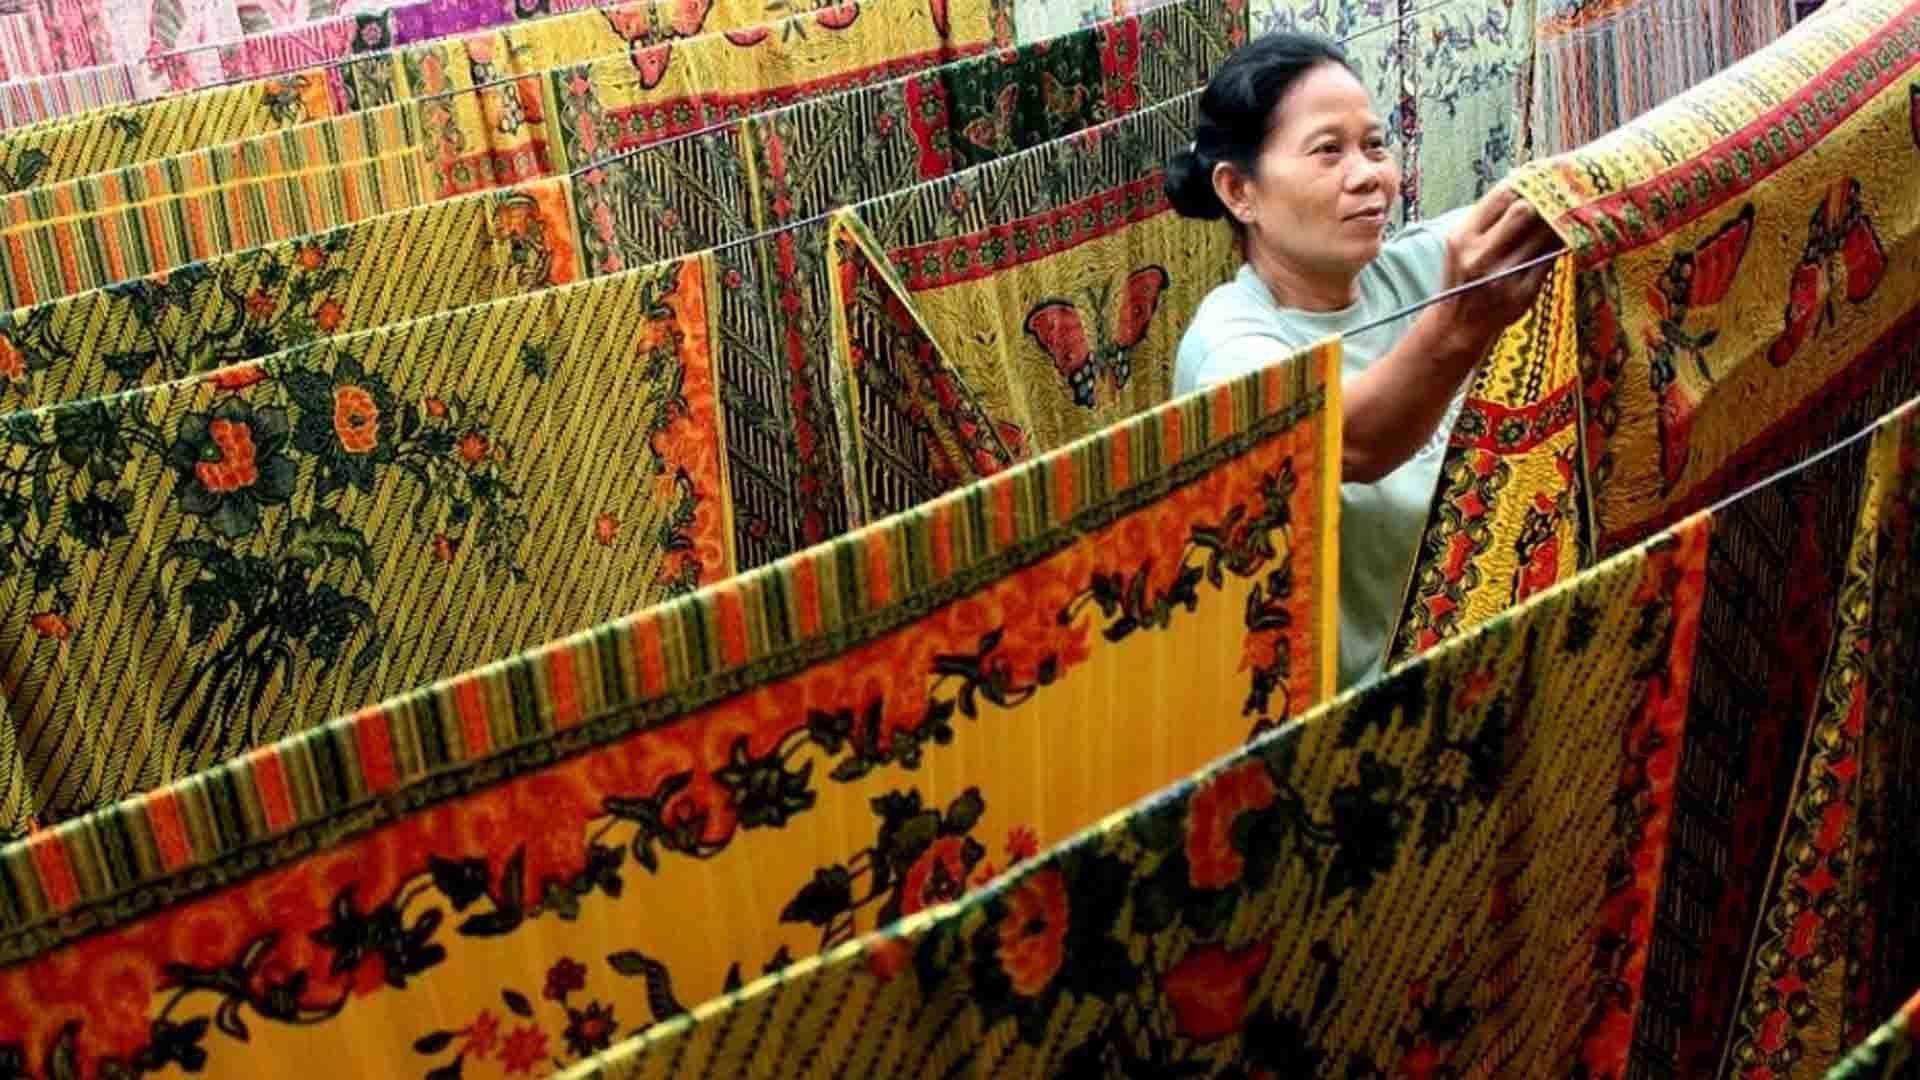 Supaya Nggak Cepat Luntur, Begini Cara Mencuci Kain Batik yang Benar